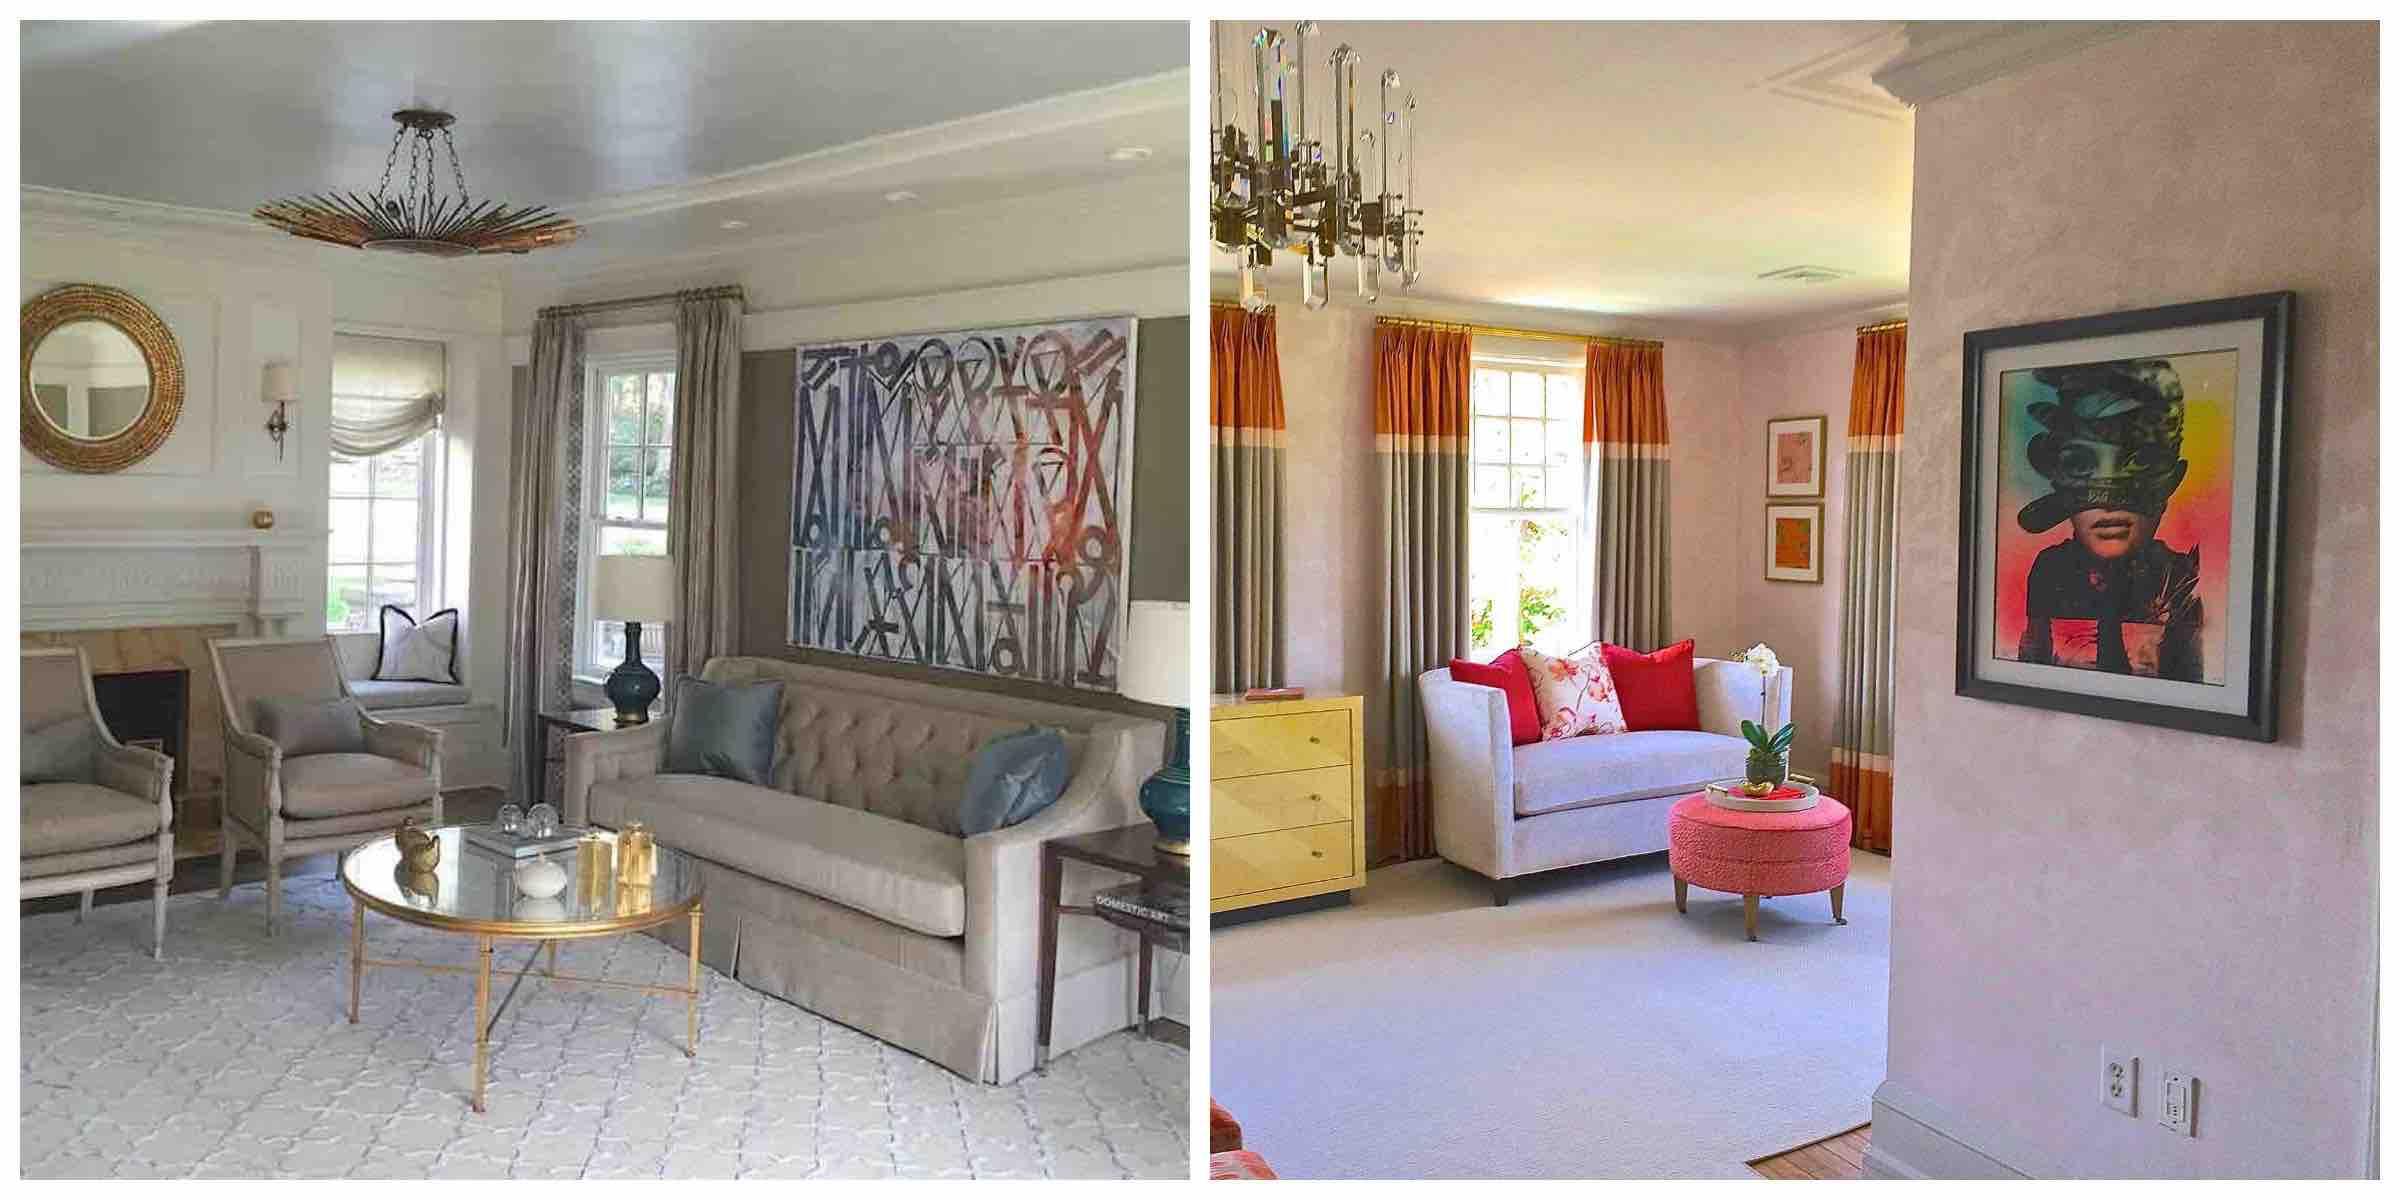 Retna and Faile Art in Valerie Grant Interiors Designed Rooms